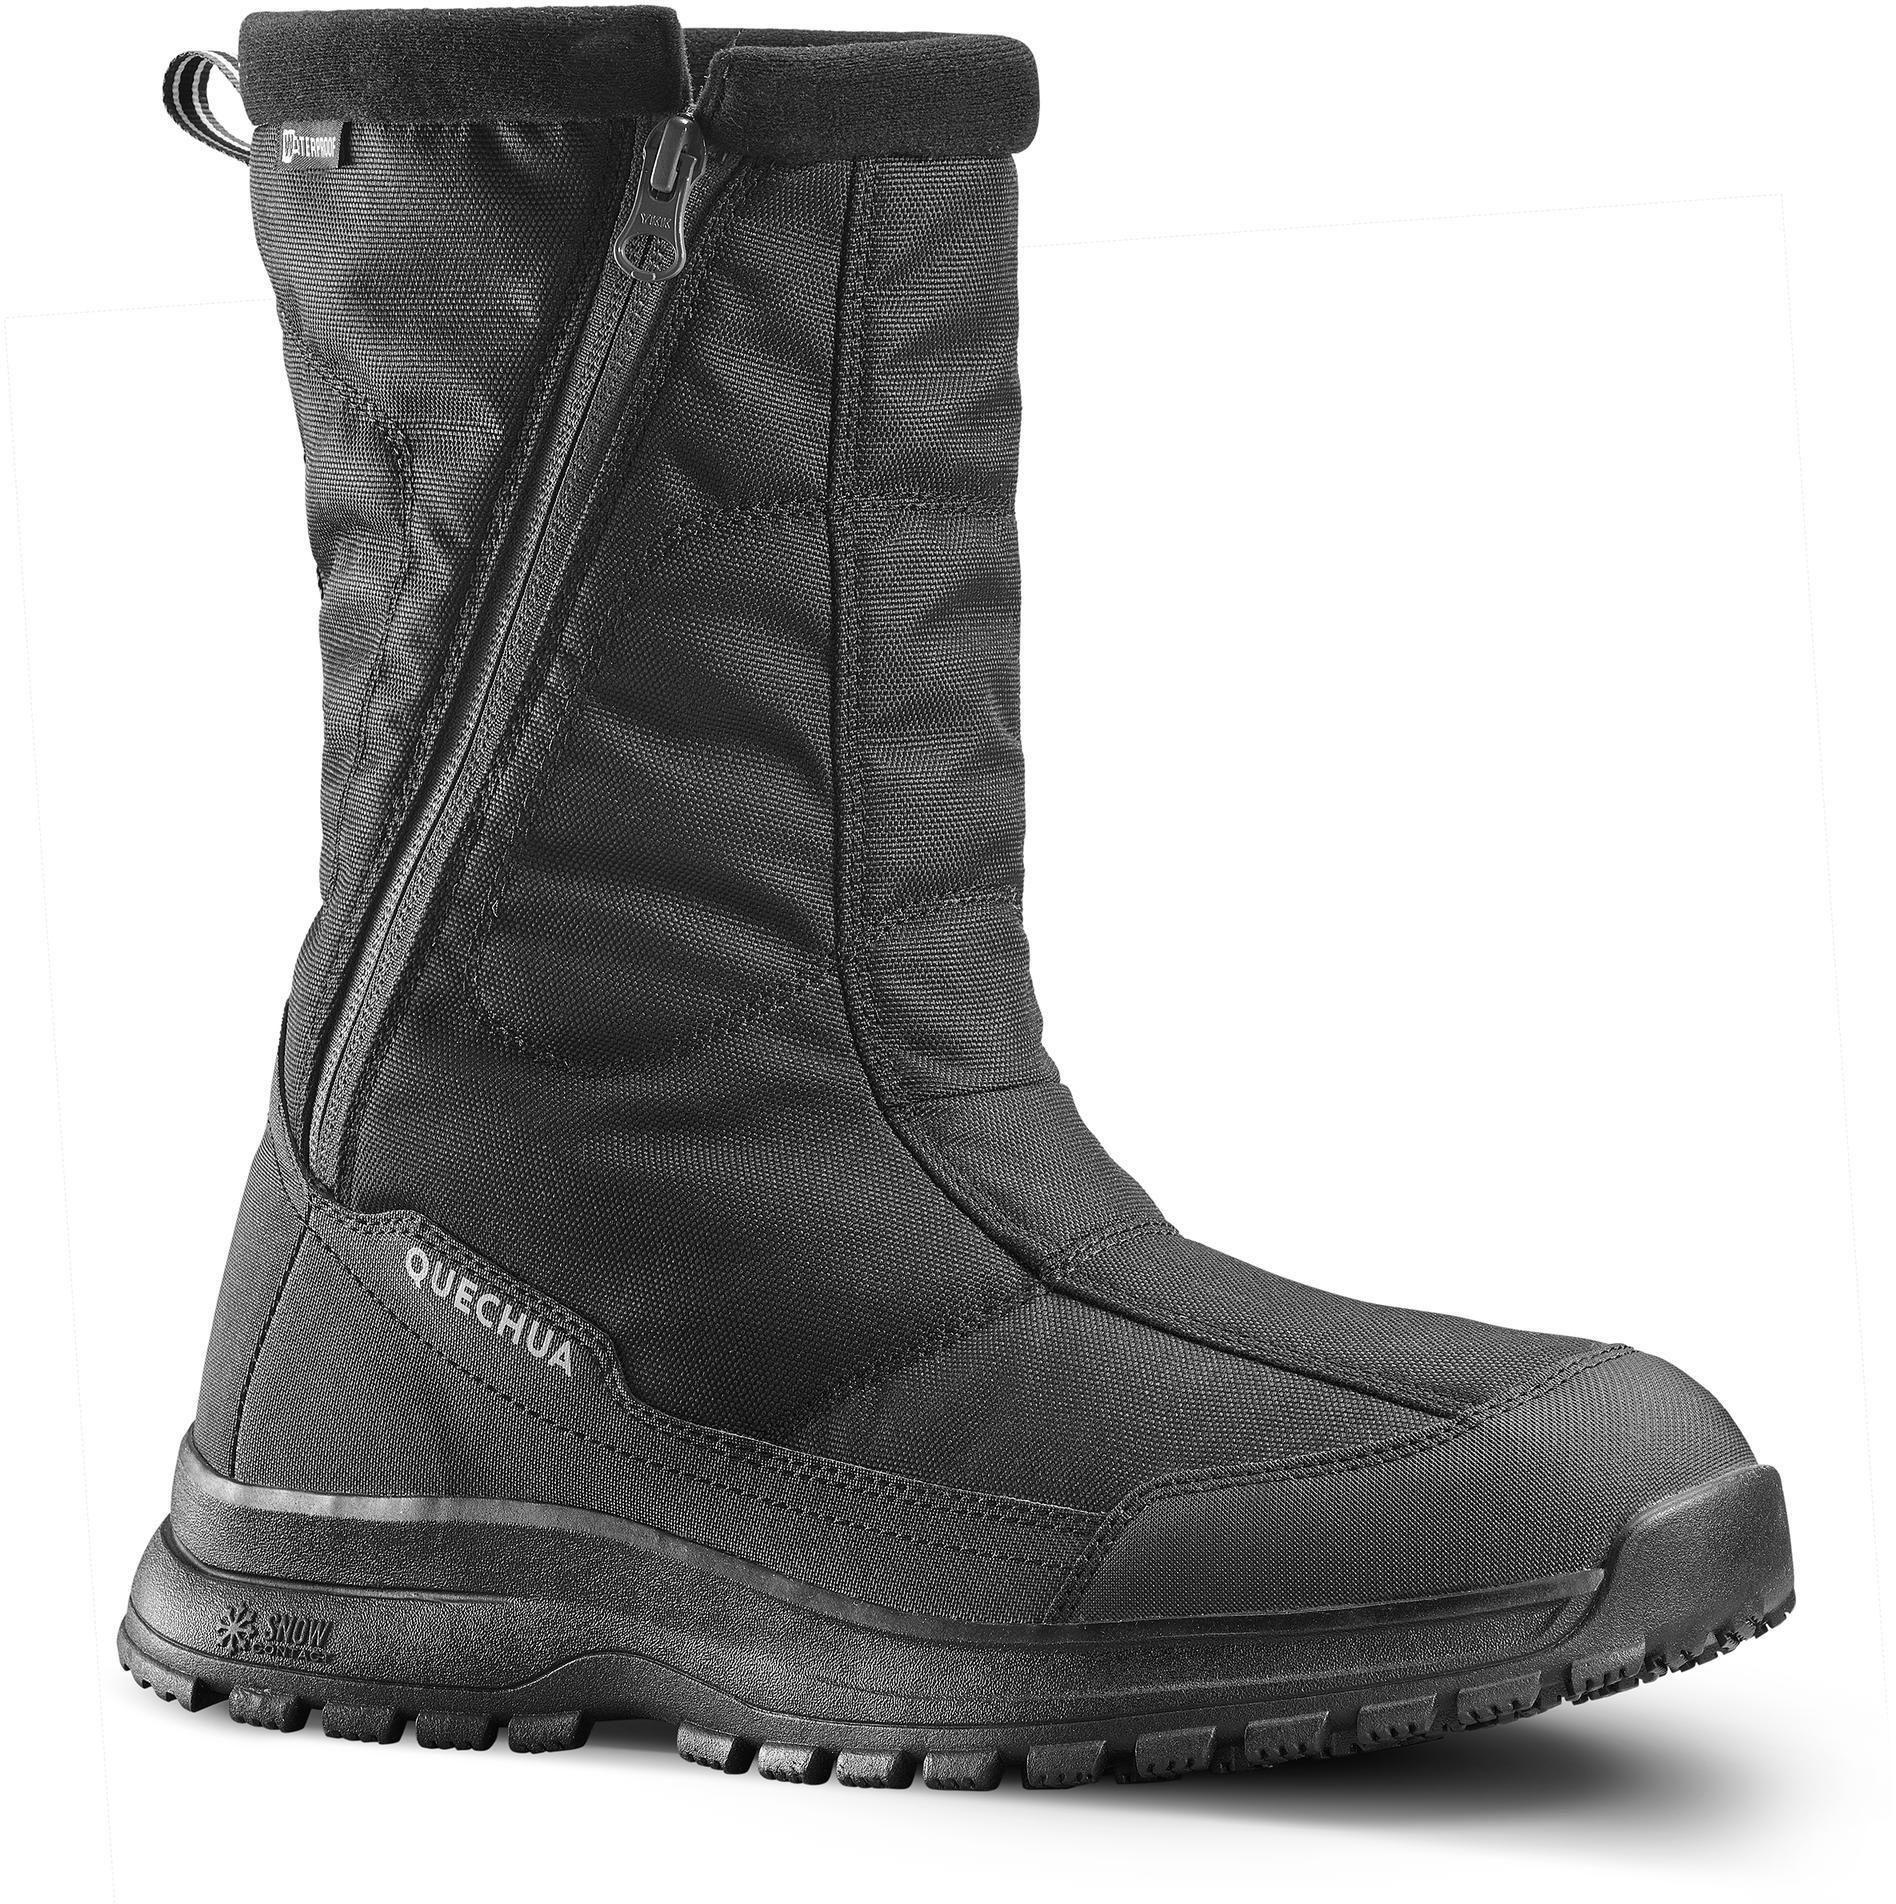 Buty turystyczne śniegowce WARM WTP - SH100 U-WARM - wysokie męskie